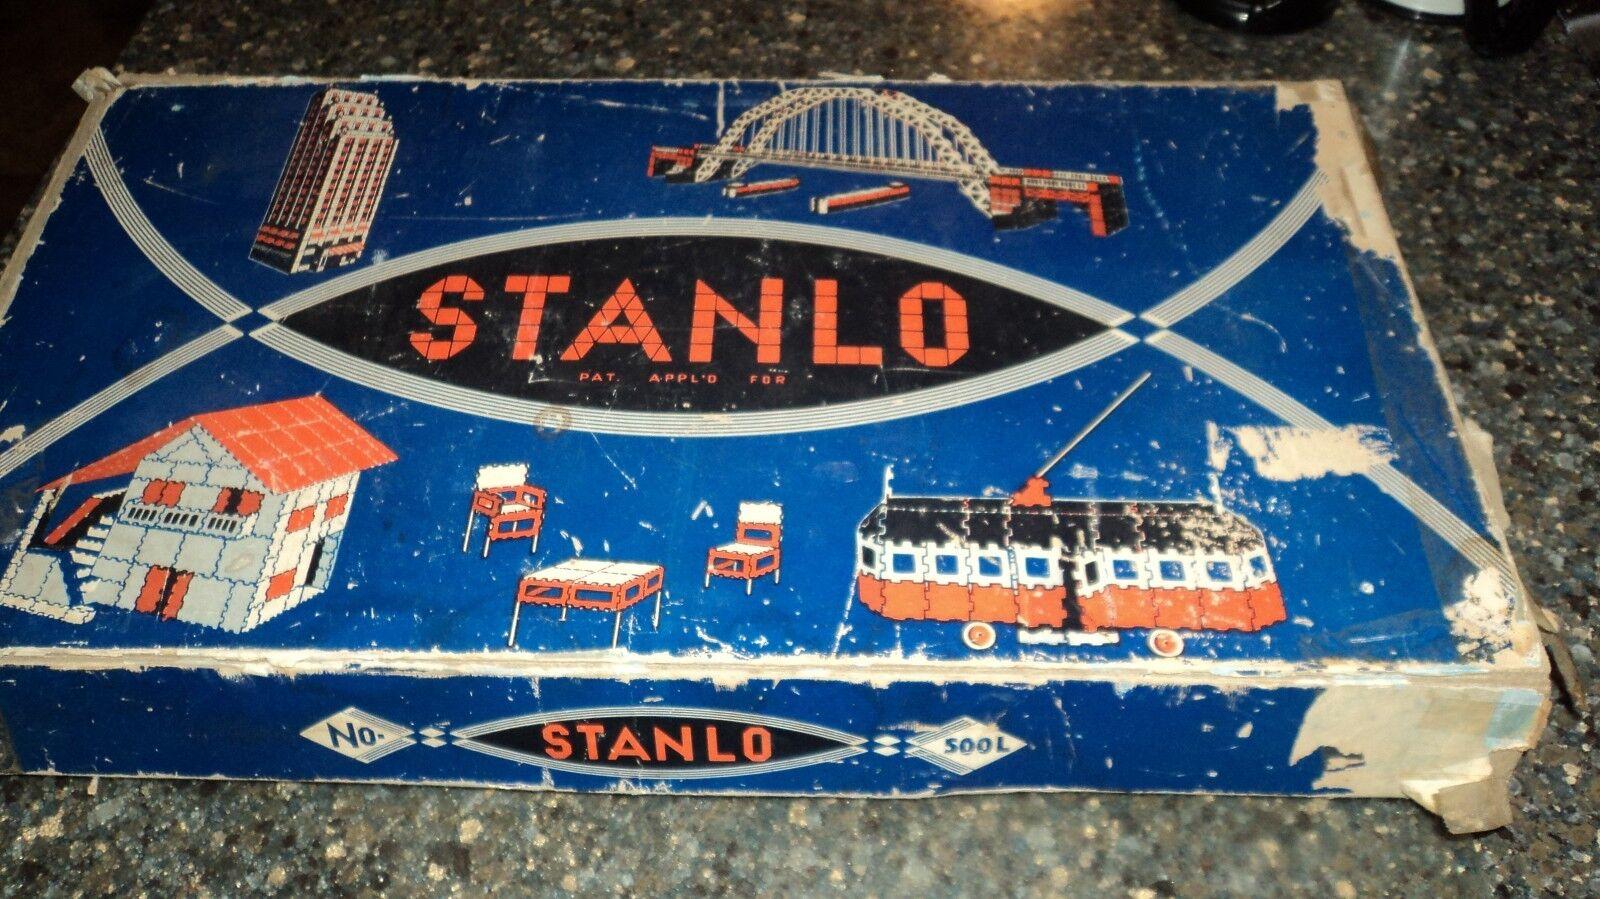 Construcción Vintage sanlo Set 1937 Modelo no. 500 L Caja y libro de instrucciones